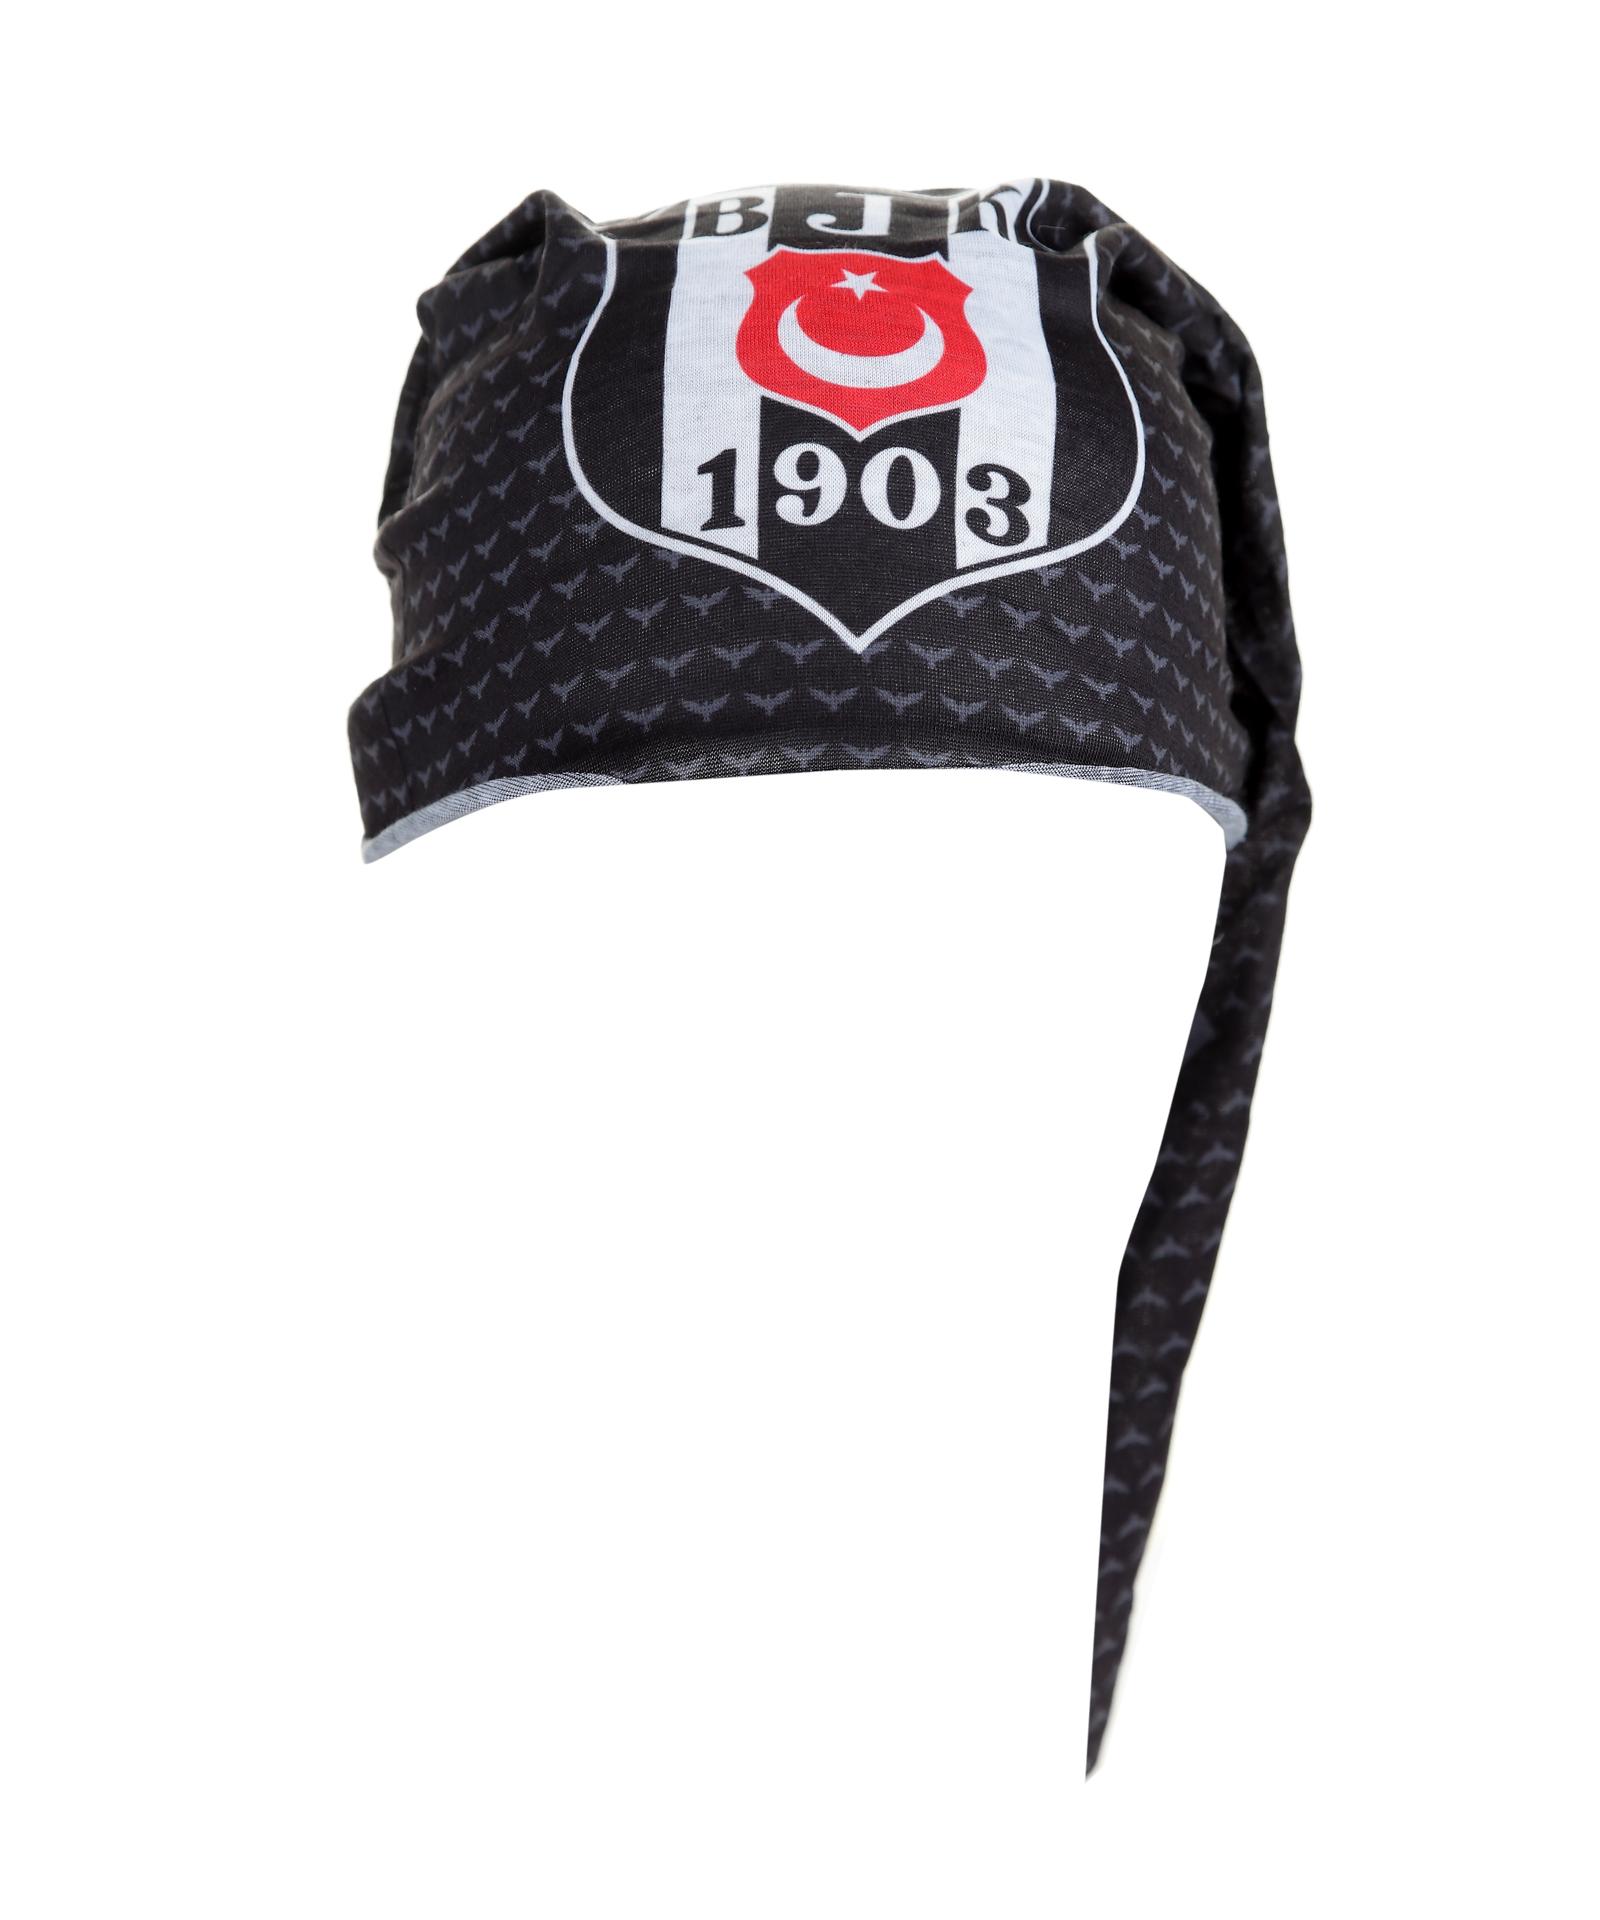 BEŞİKTAŞ BJK 1903 BANDANA 2110